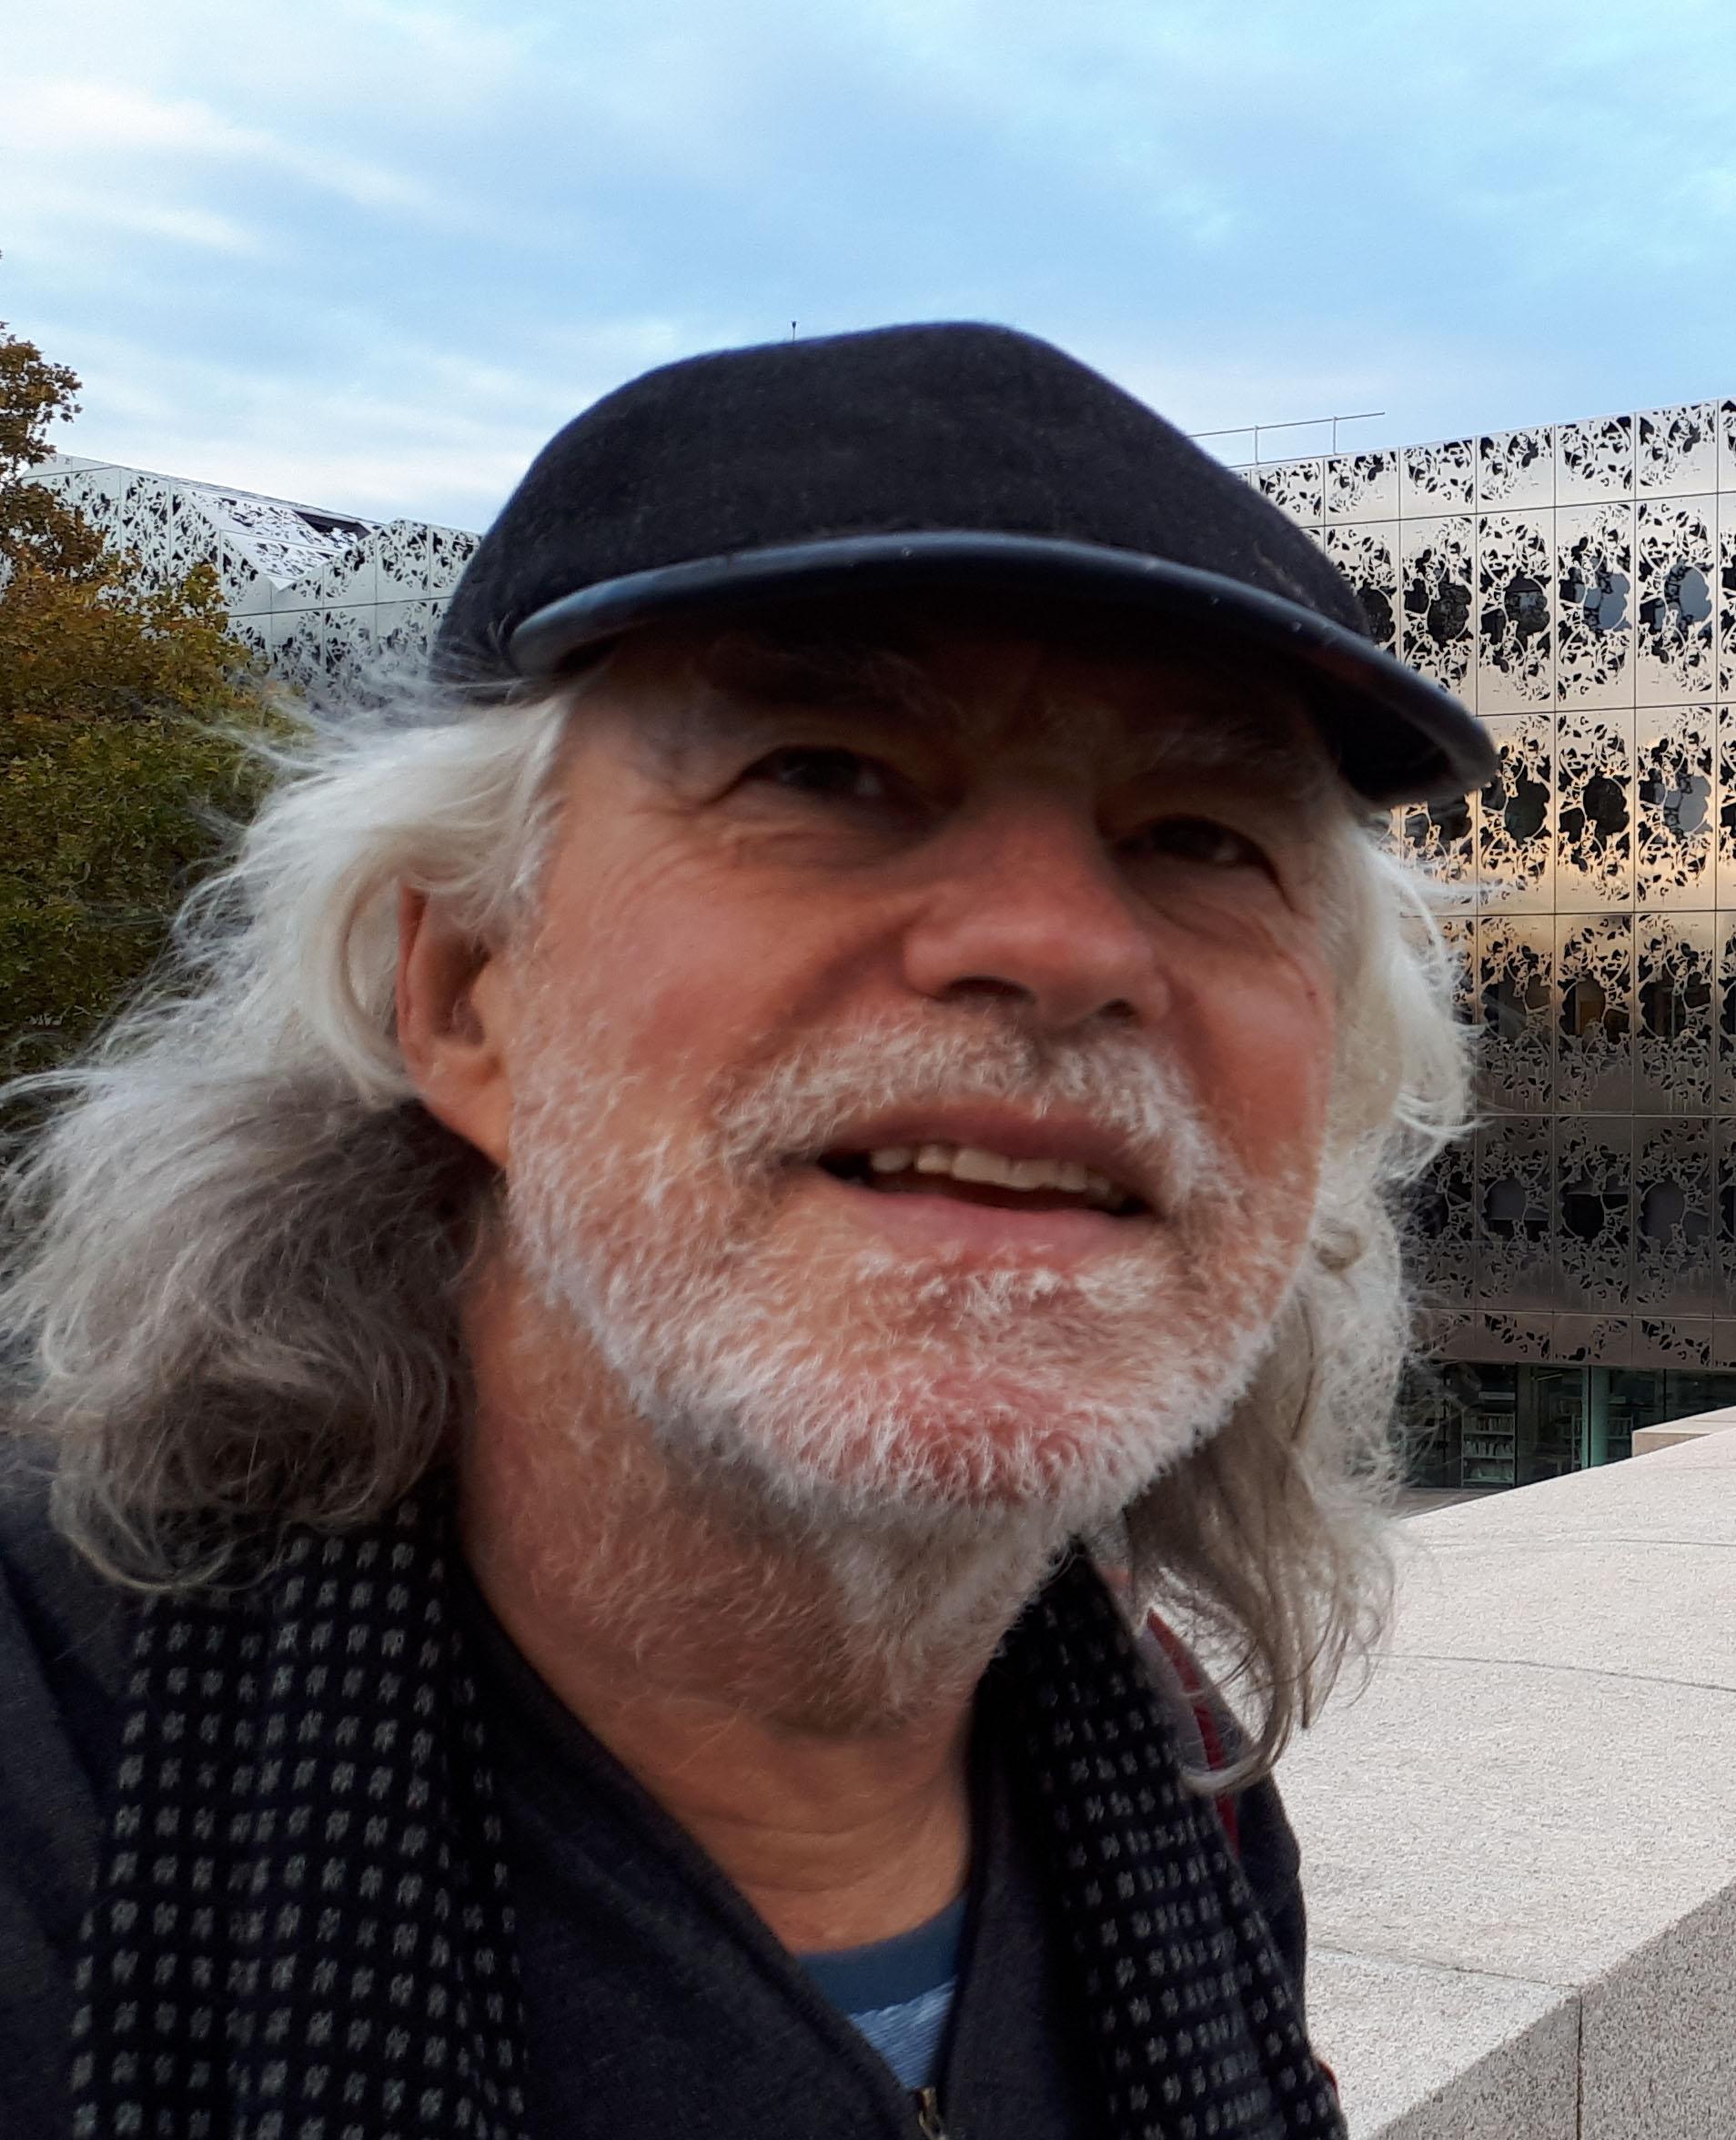 Jean-Yves_Vigneau_headshot.jpg